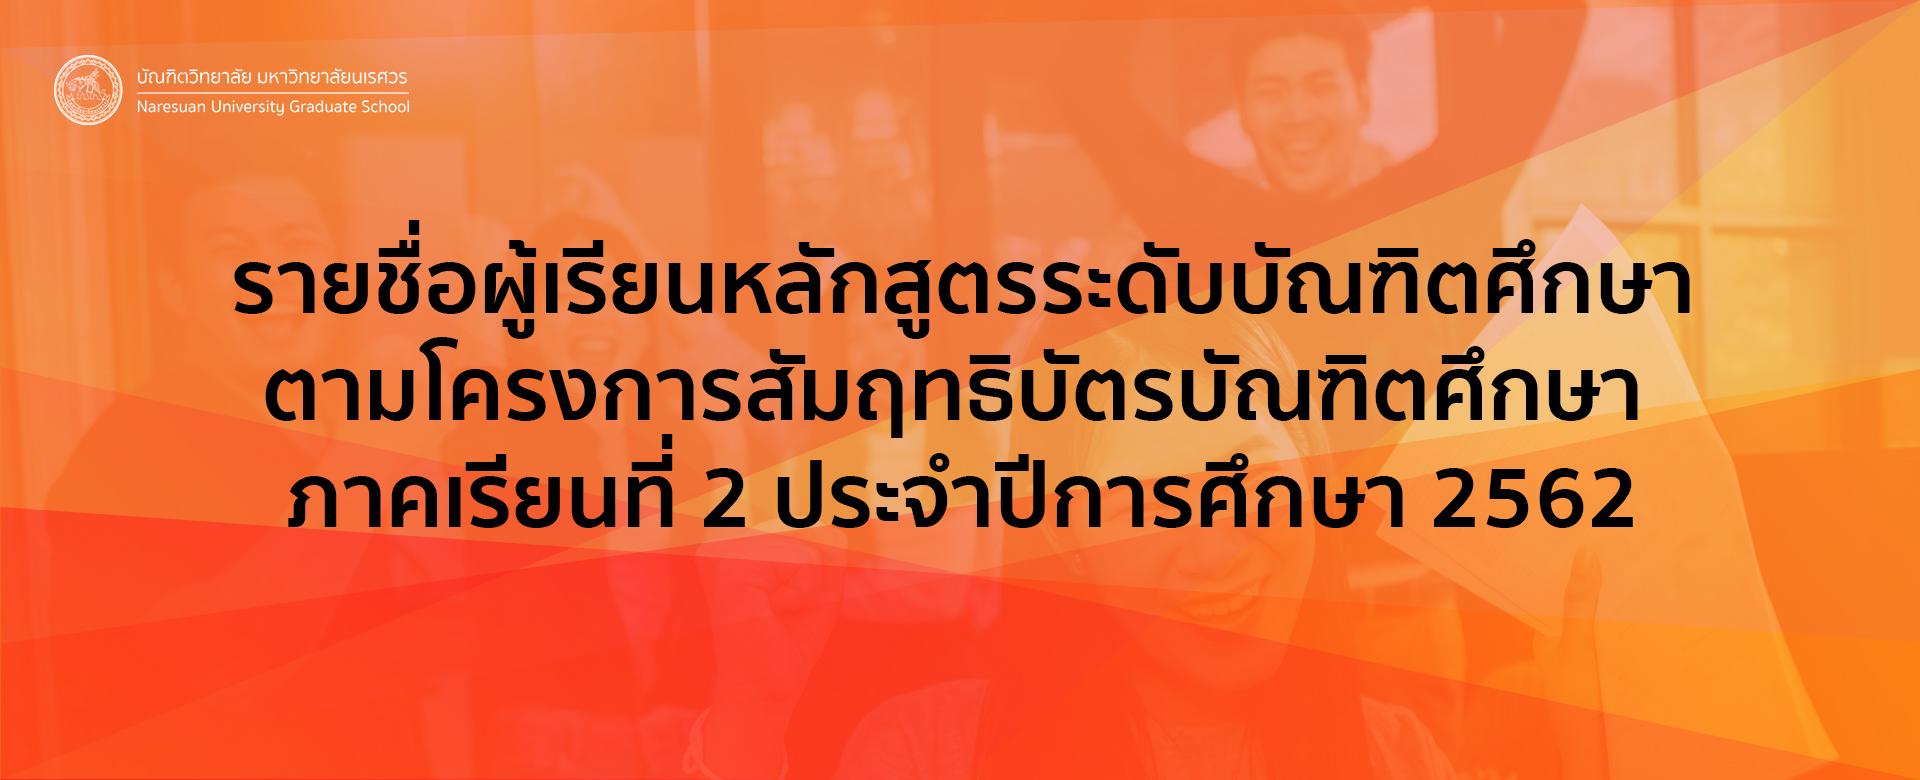 รายชื่อผู้เรียนโครงการสัมฤทธิบัตรบัณฑิตศึกษา ภาคเรียนที่ 2/2562